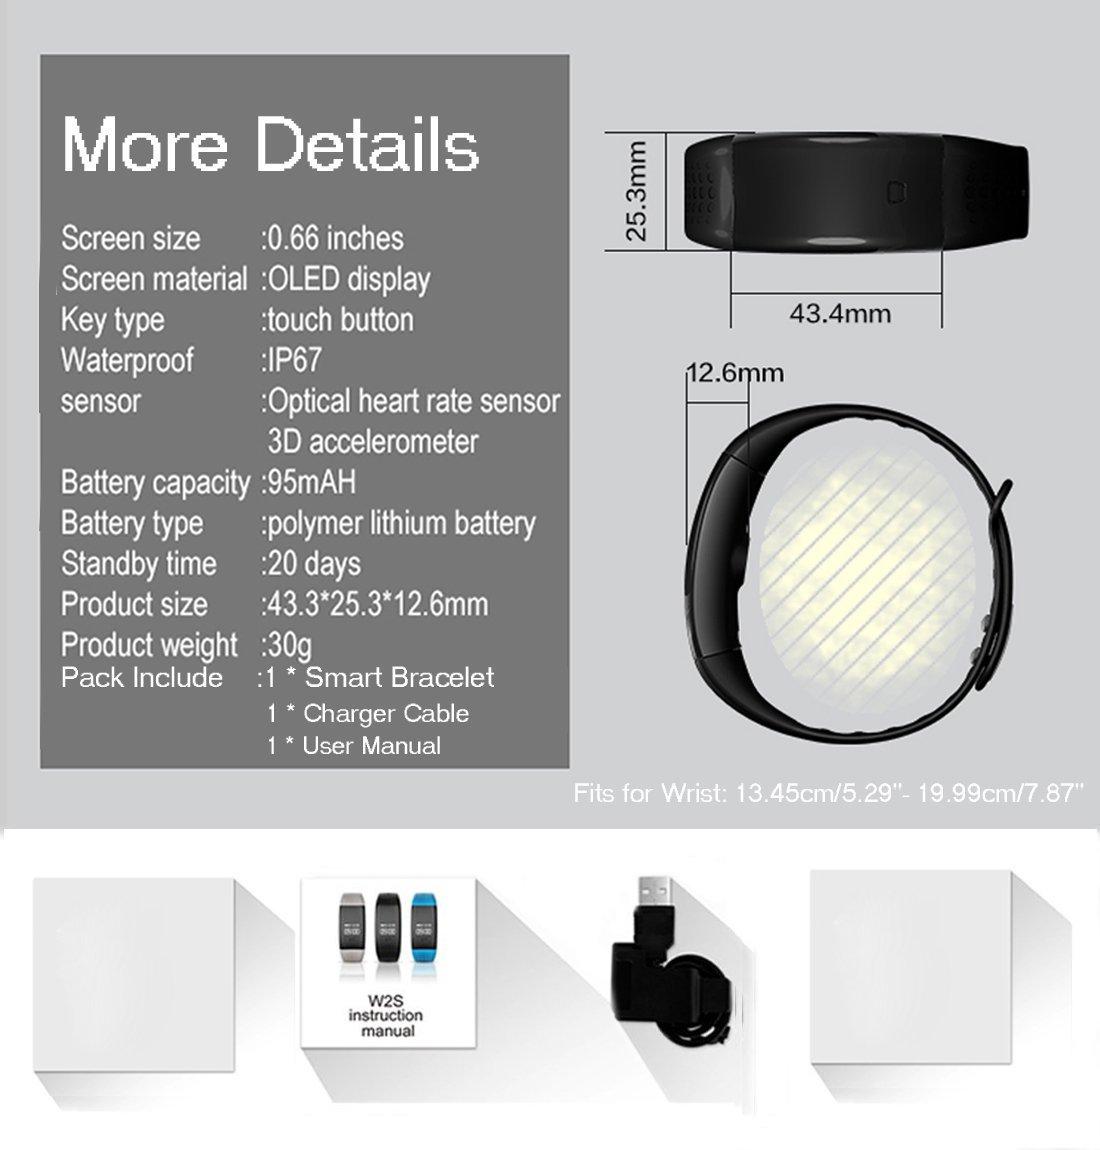 Fitness Tracker, Arvin ritmo cardíaco reloj presión arterial Monitor de Oxígeno en Sangre podómetro deportes pulsera reloj inteligente Bluetooth Salud ...